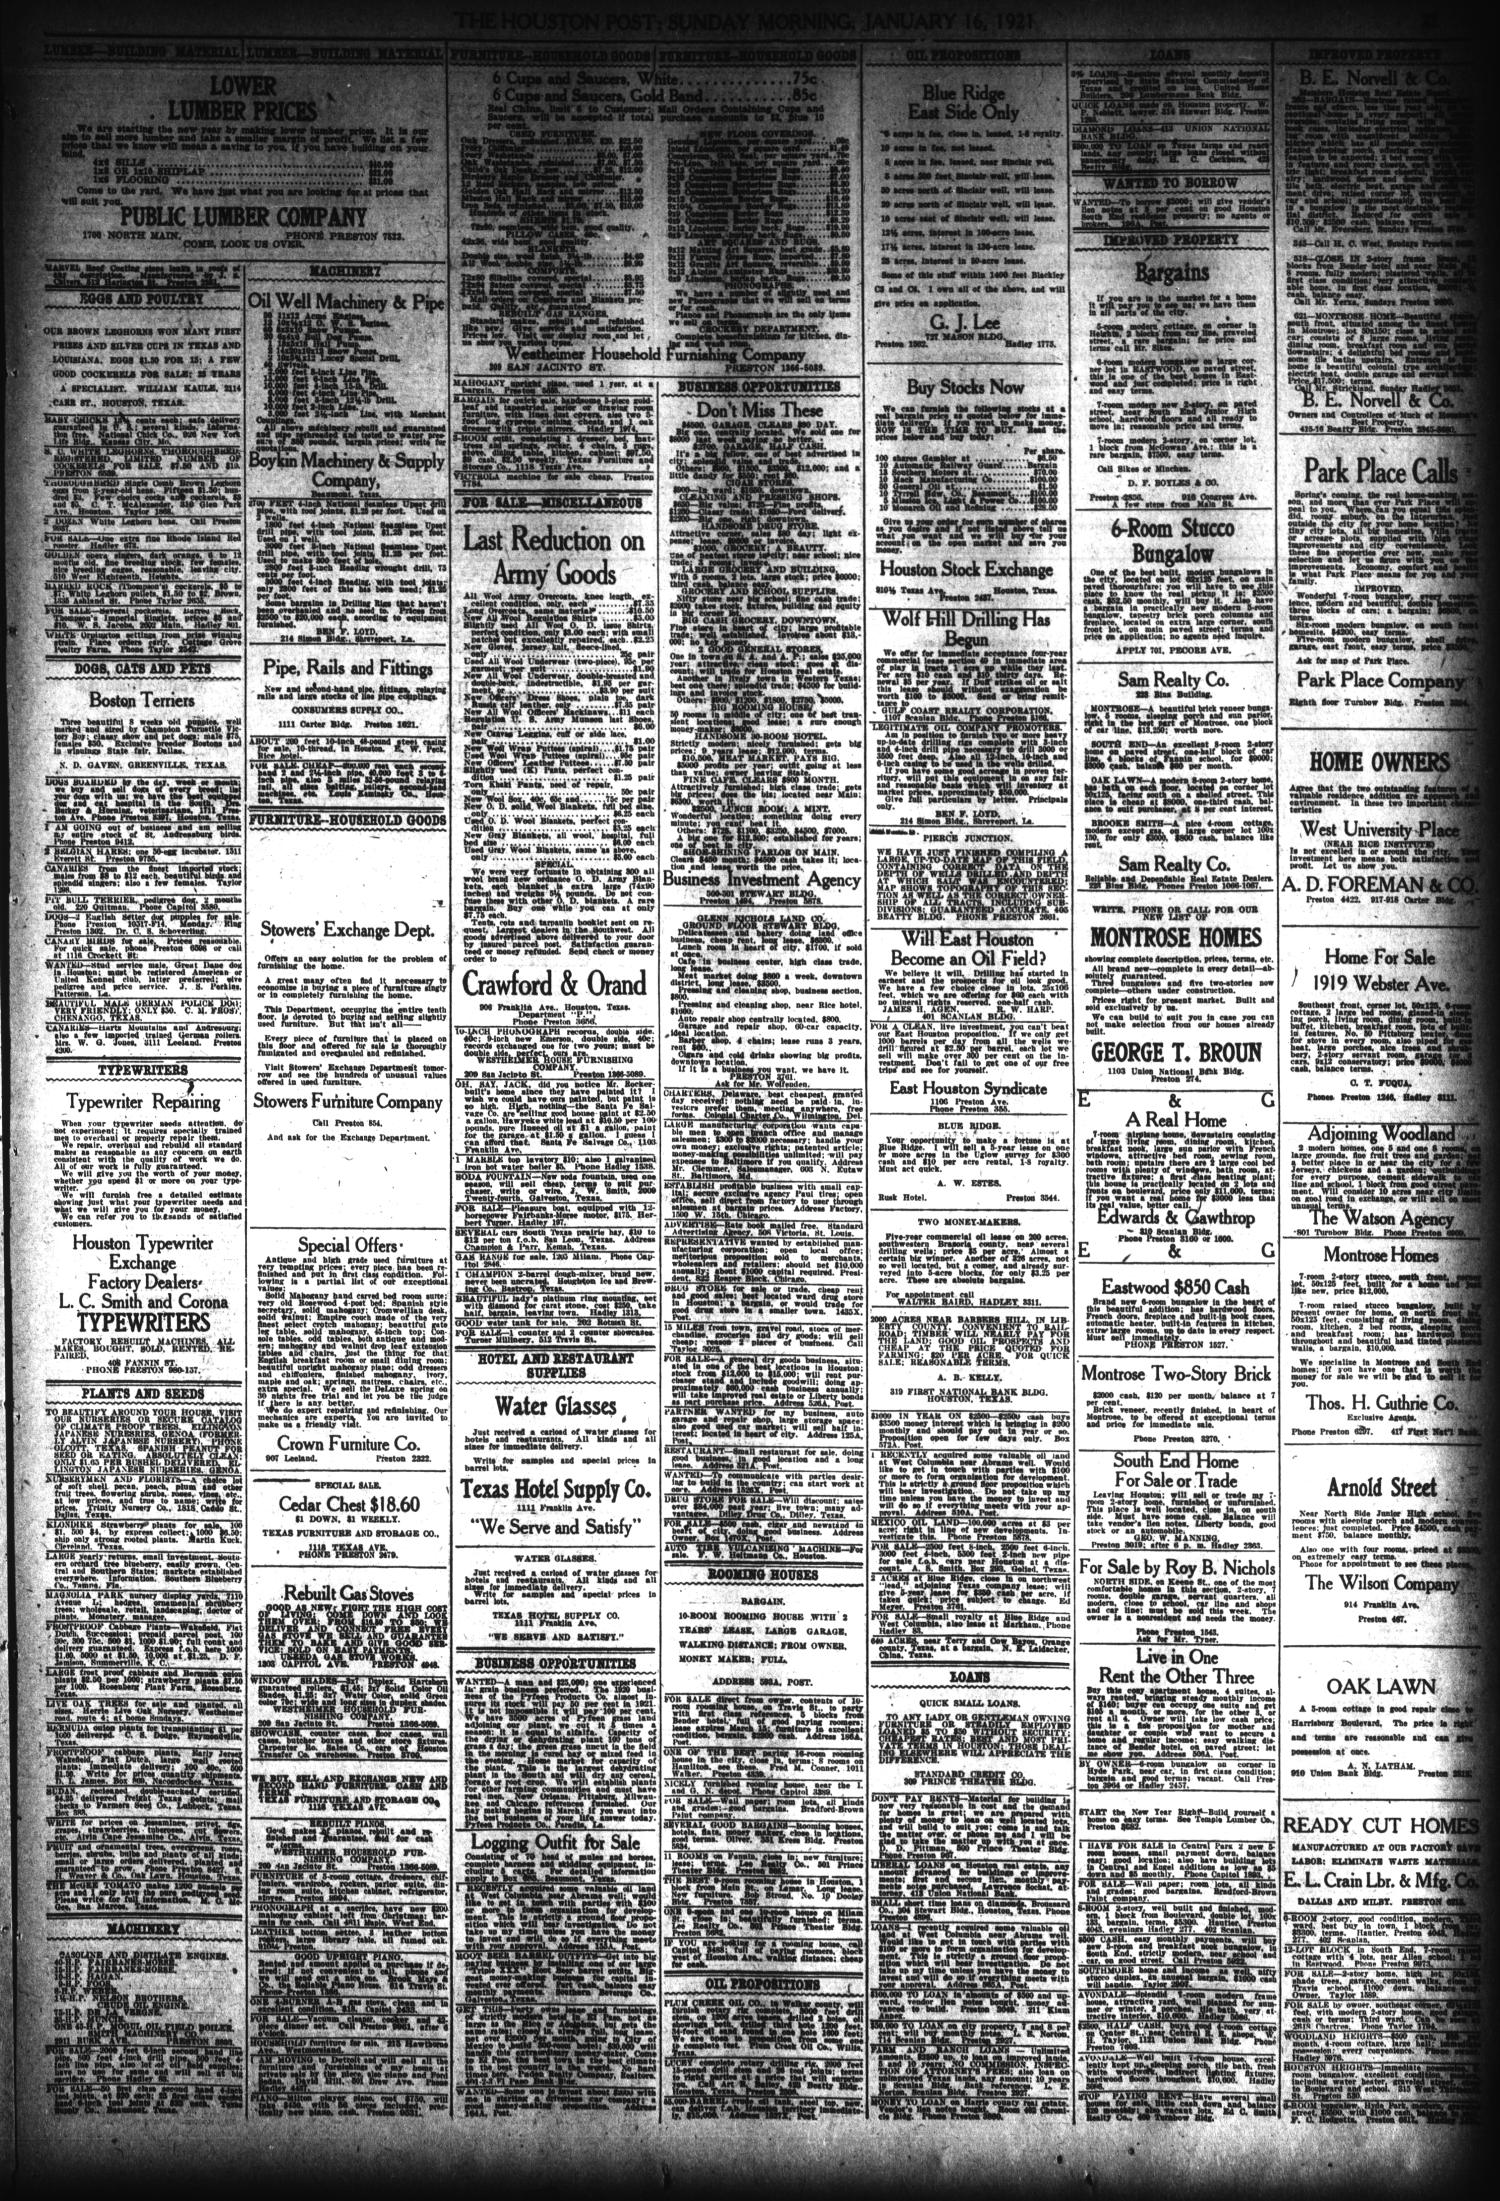 The Houston Post  (Houston, Tex ), Vol  36, No  288, Ed  1